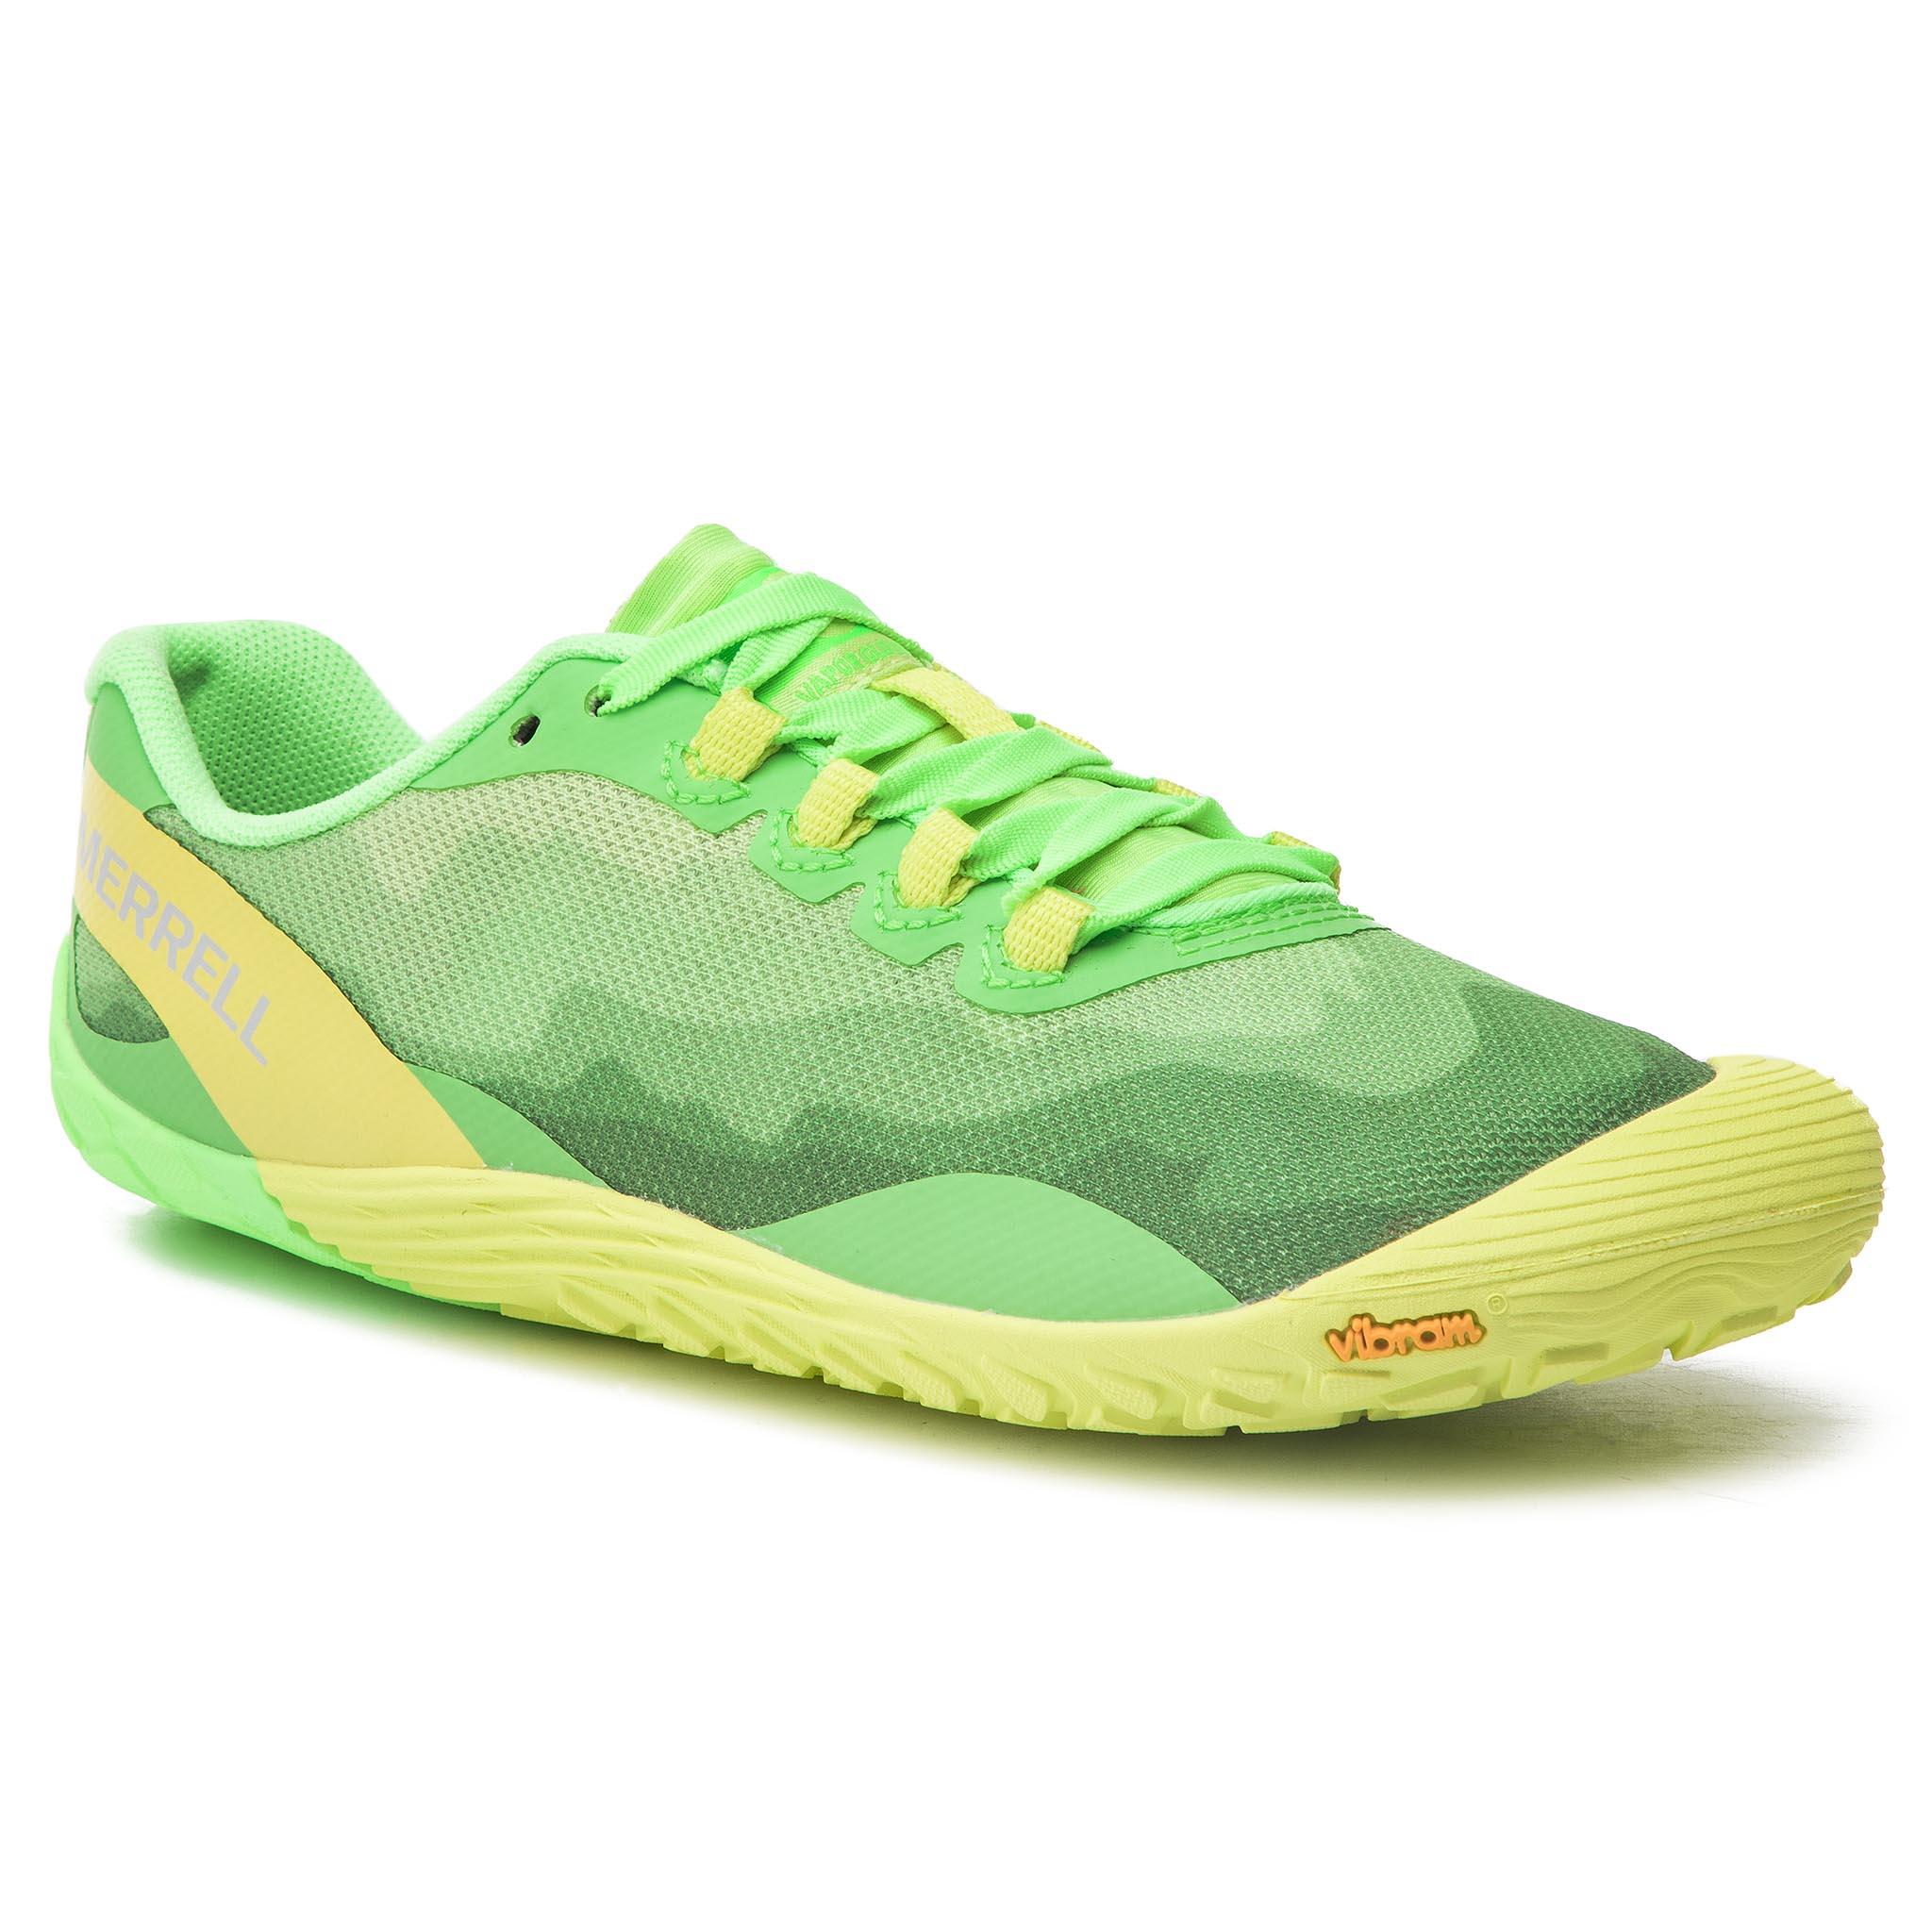 9bb371566cf Shoes MERRELL - Vapor Glove 3 J77657 Blue Sport - Outdoor - Running ...